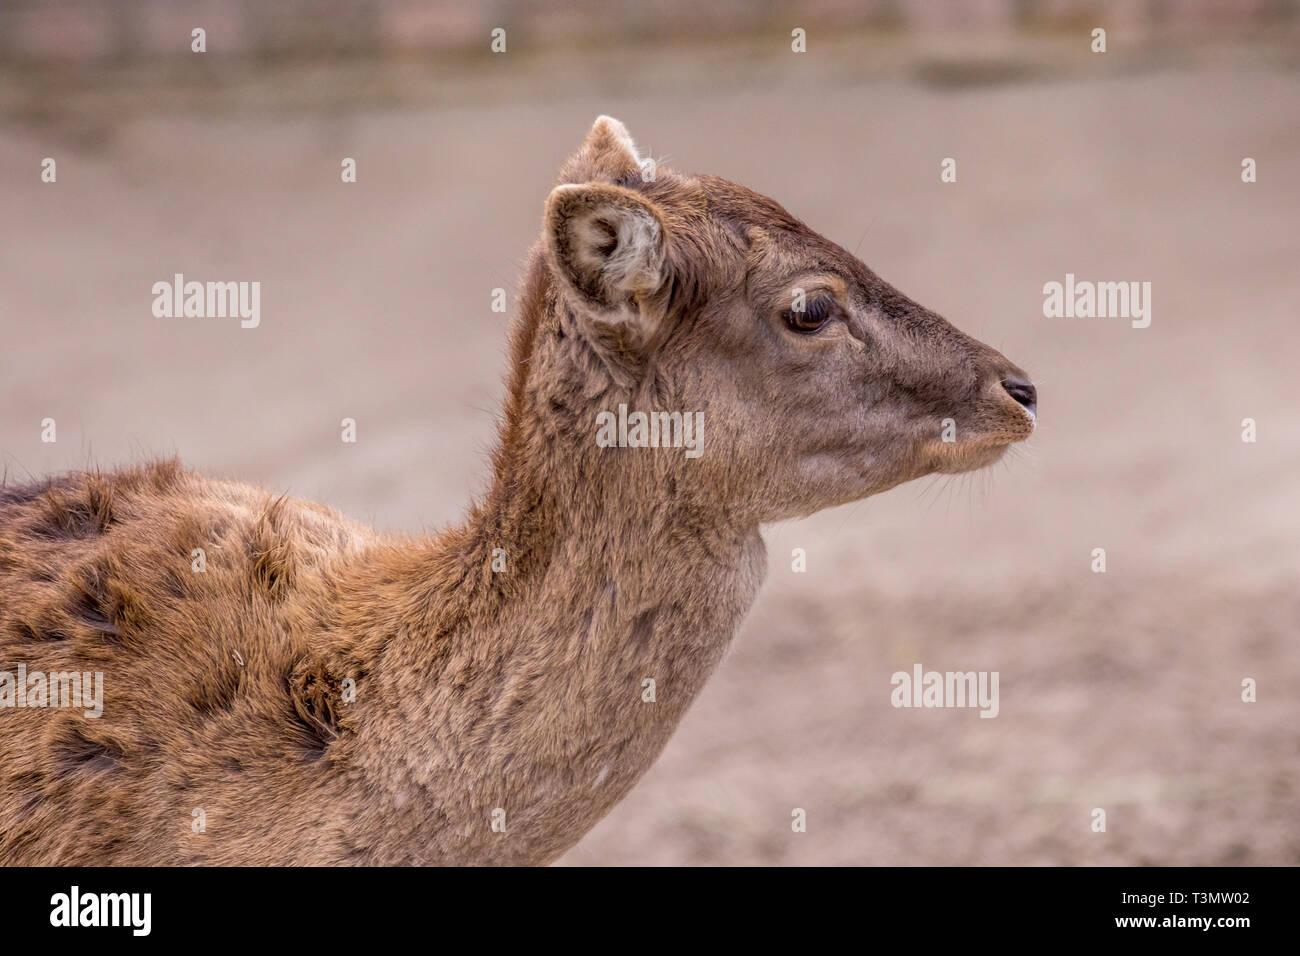 Immagine artiodactic timidi animali giovani caprioli ritratto Immagini Stock